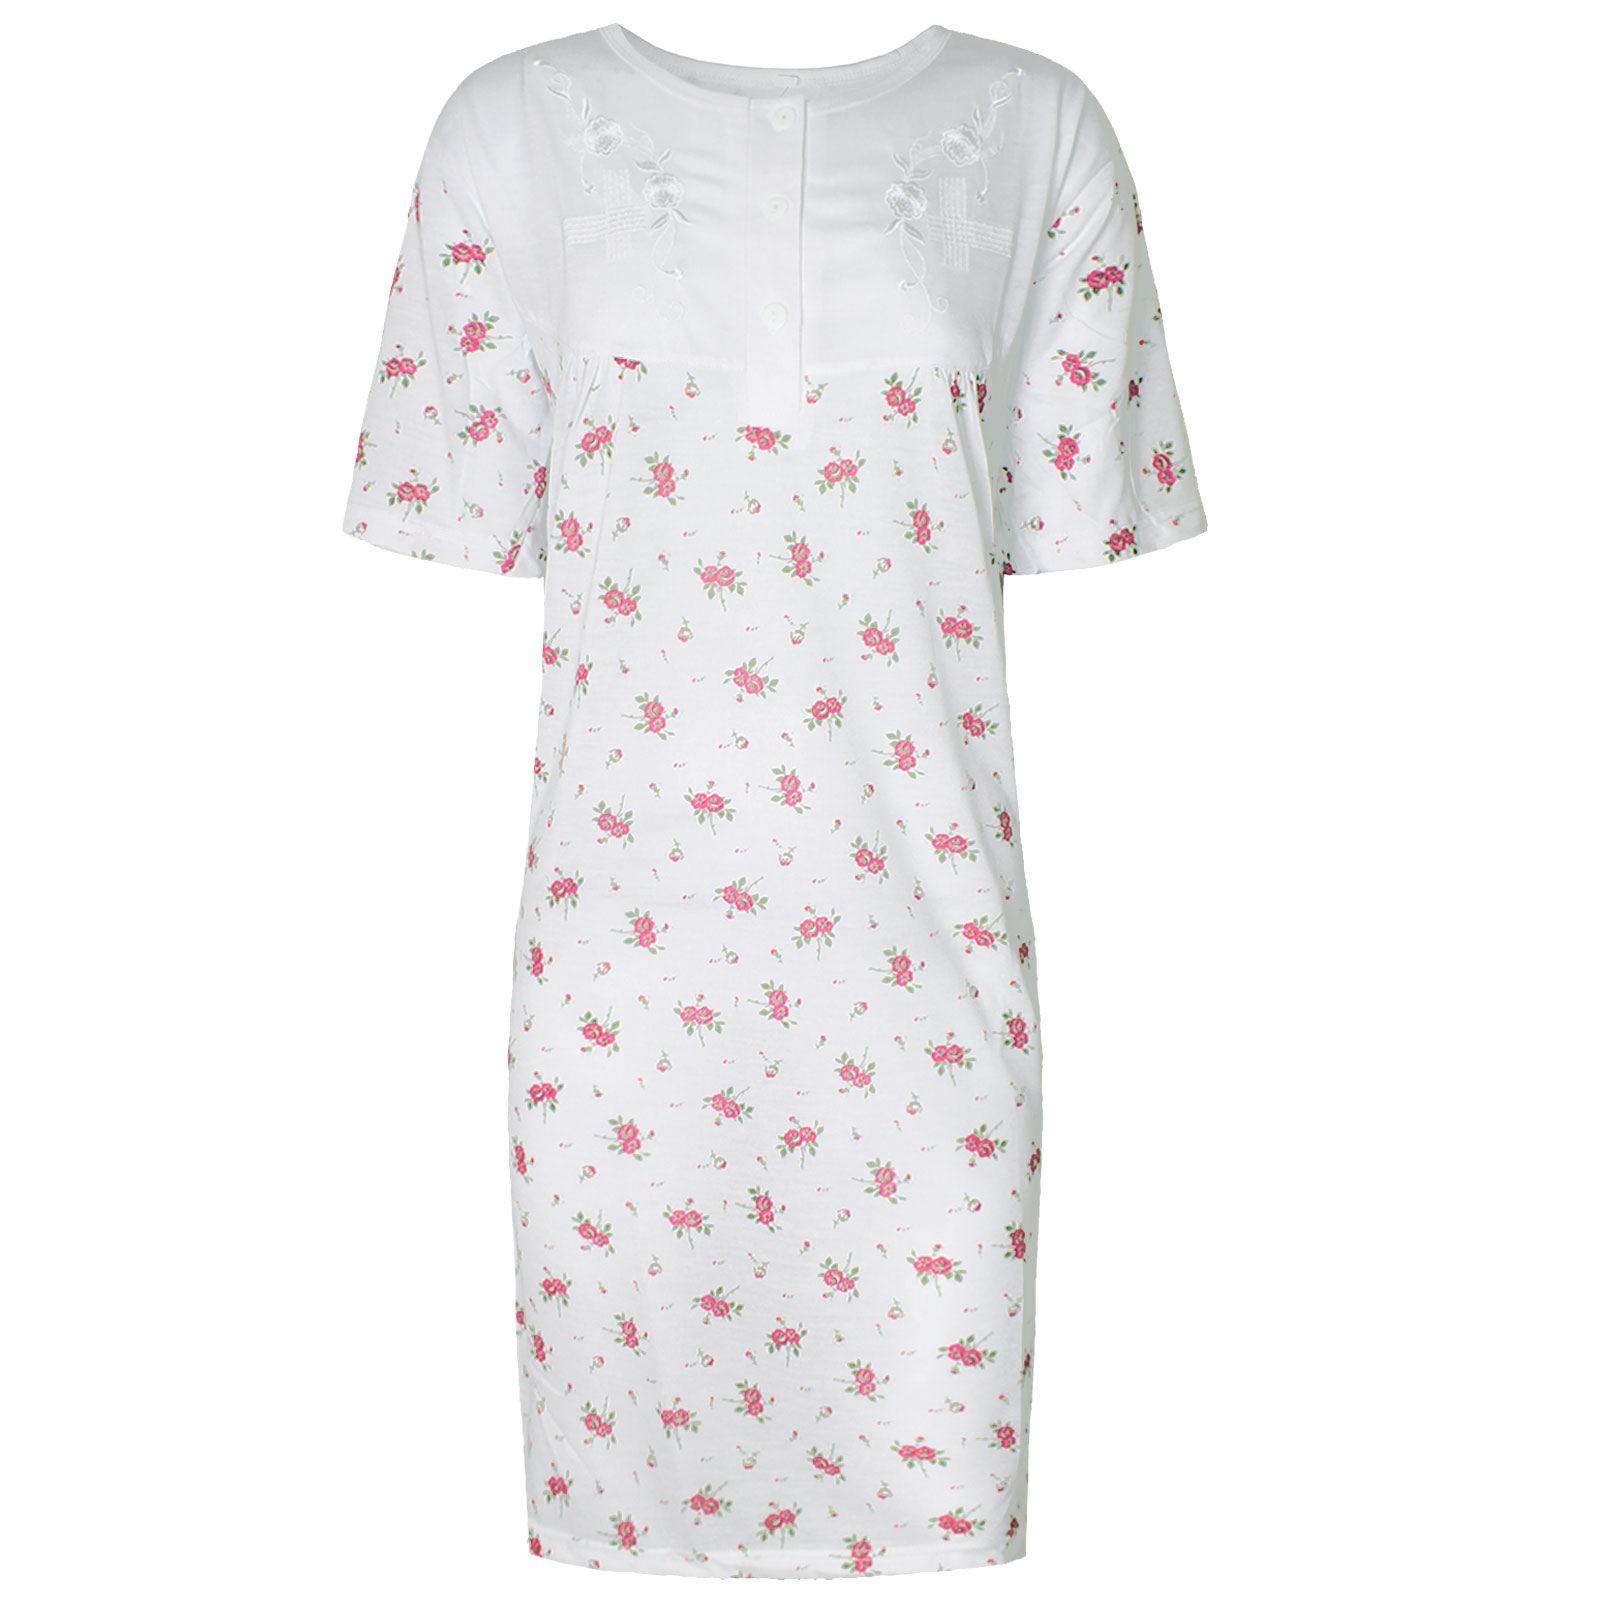 Black t shirt nightdress - Ladies Nightie Short Sleeves Night Shirt Nightdress Womens